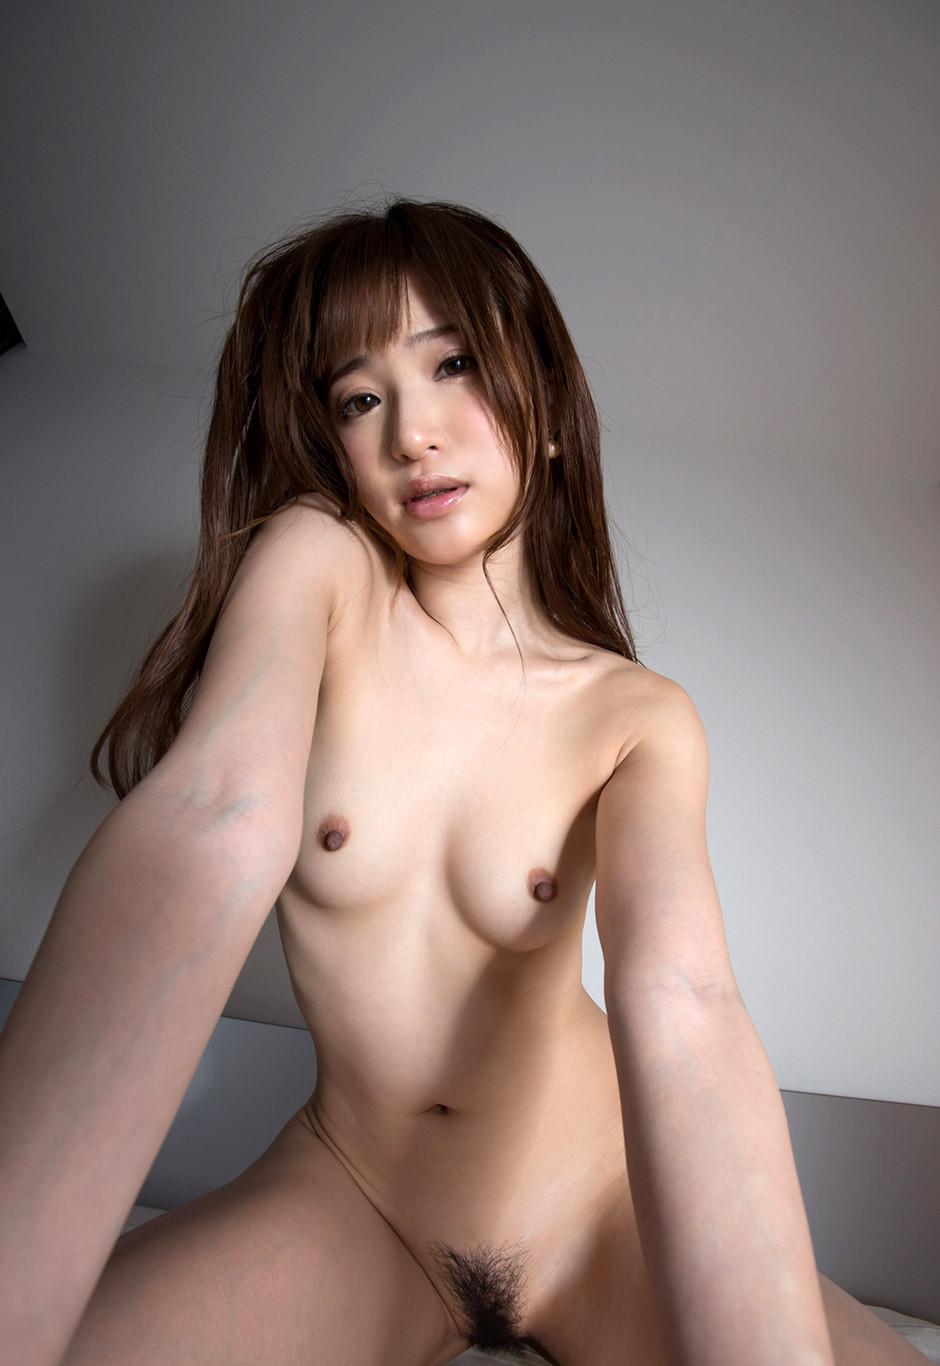 三次元 3次元 エロ画像 AV女優 天使もえ ヌード べっぴん娘通信 003